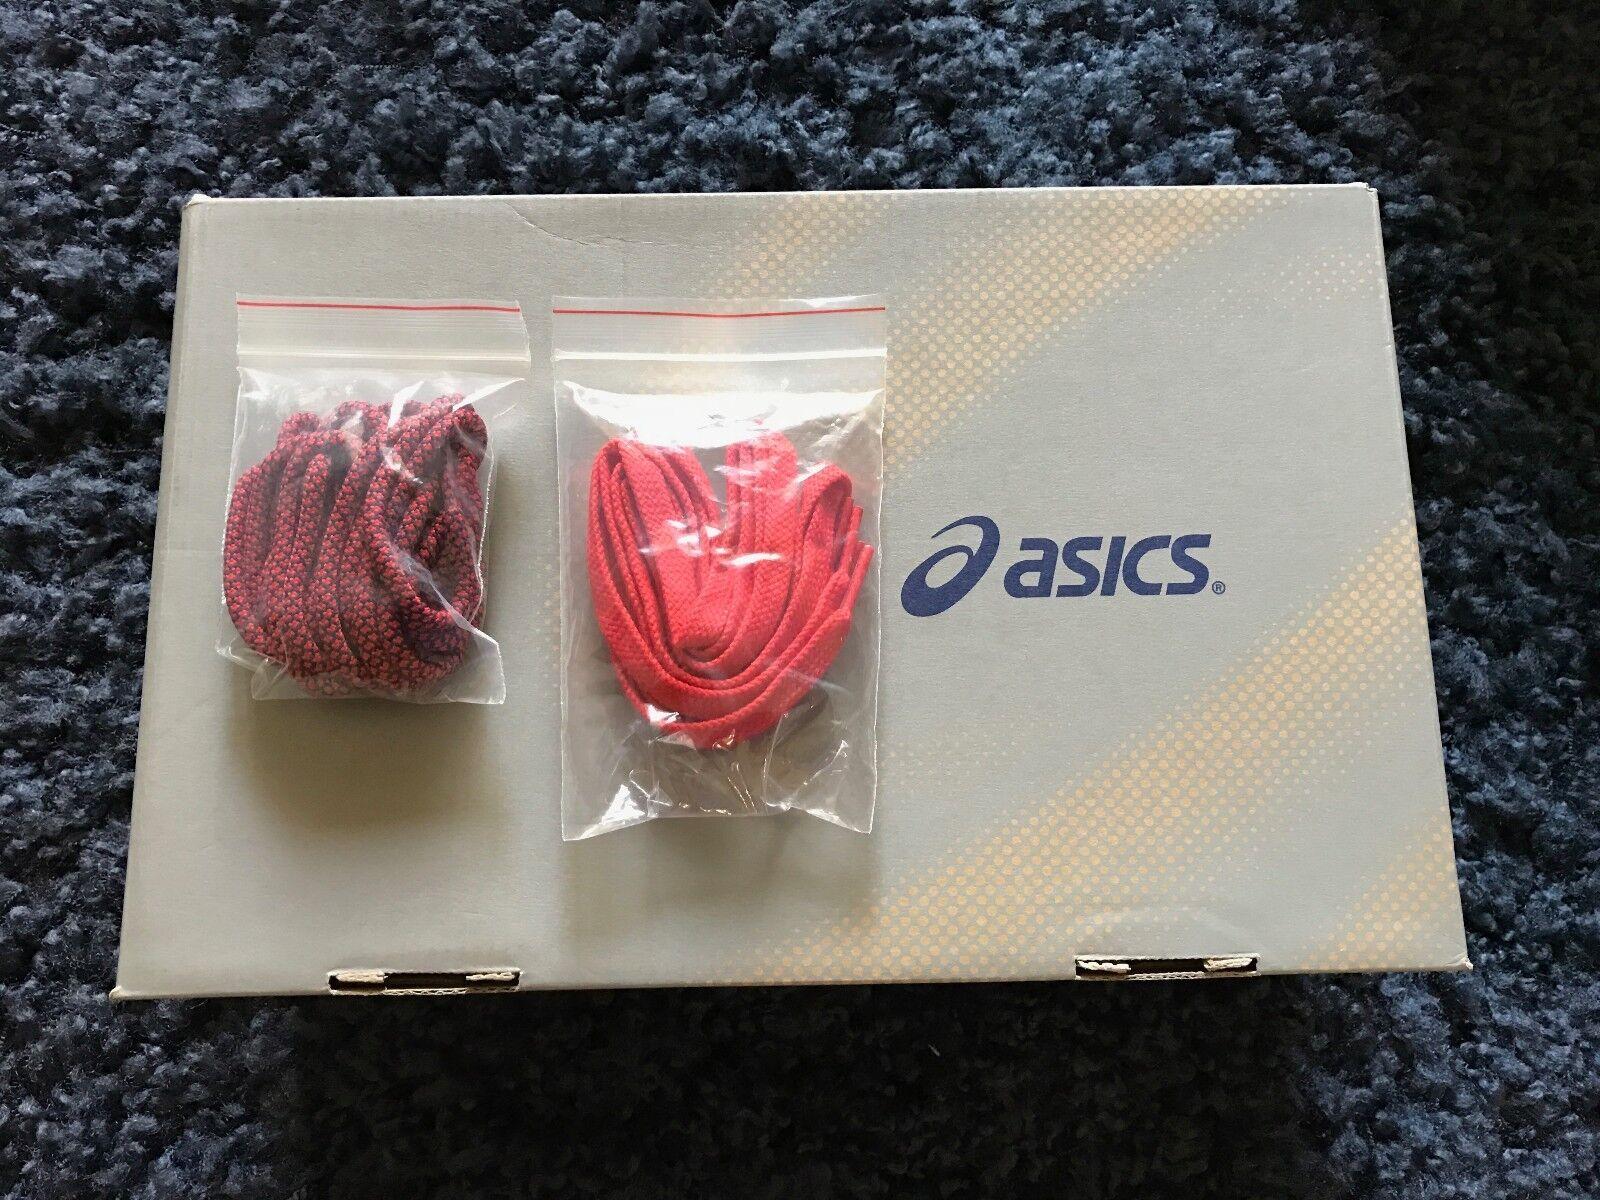 Asics Asics Asics gel lyte iii 3 ronnie fieg sonnenfinsternis 2012 authentische neue 10,5 56251d